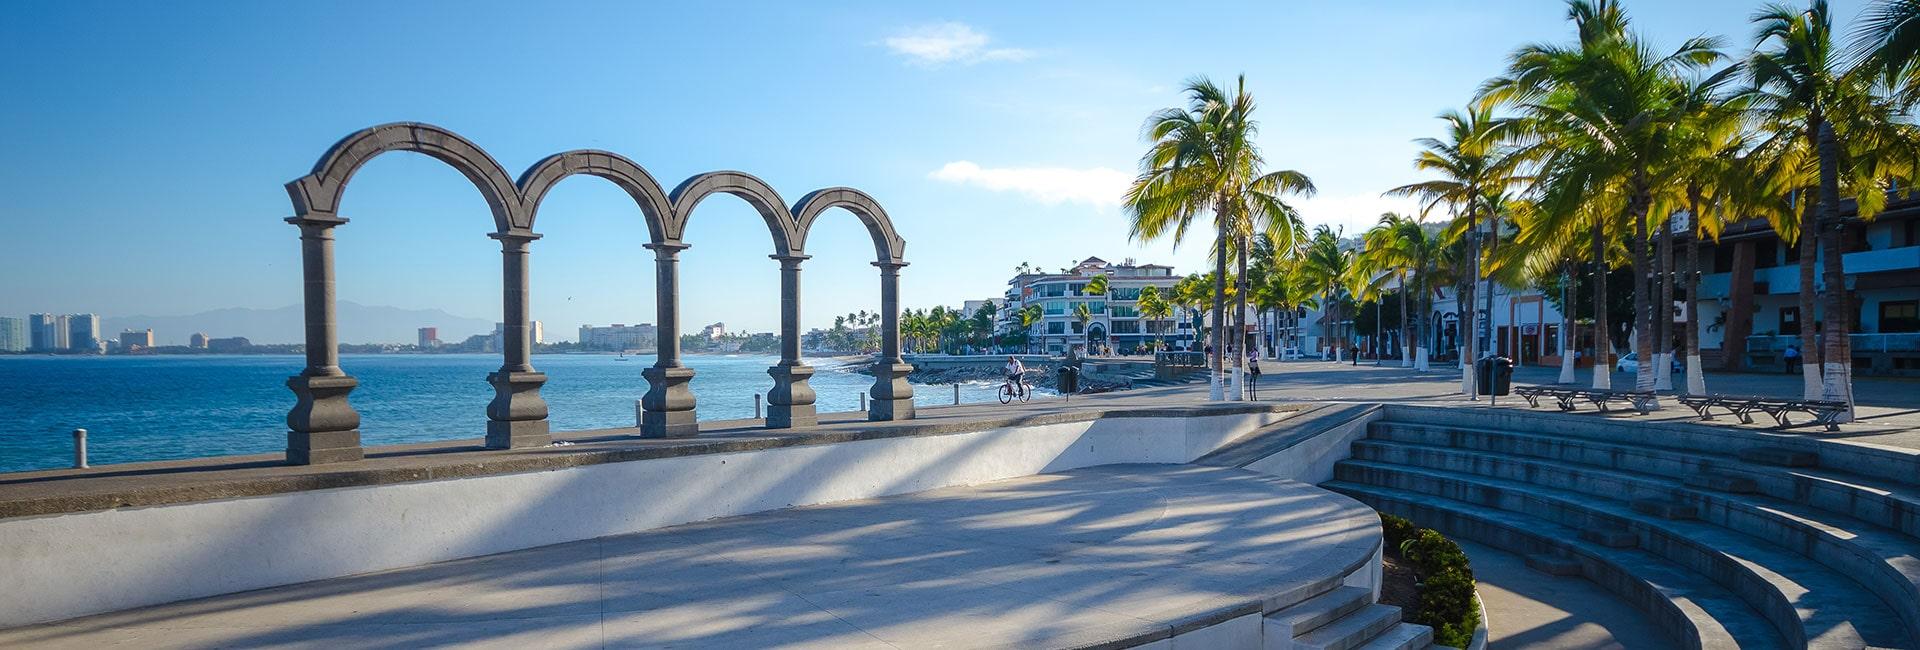 Puerto vallarta mexico travel advisory